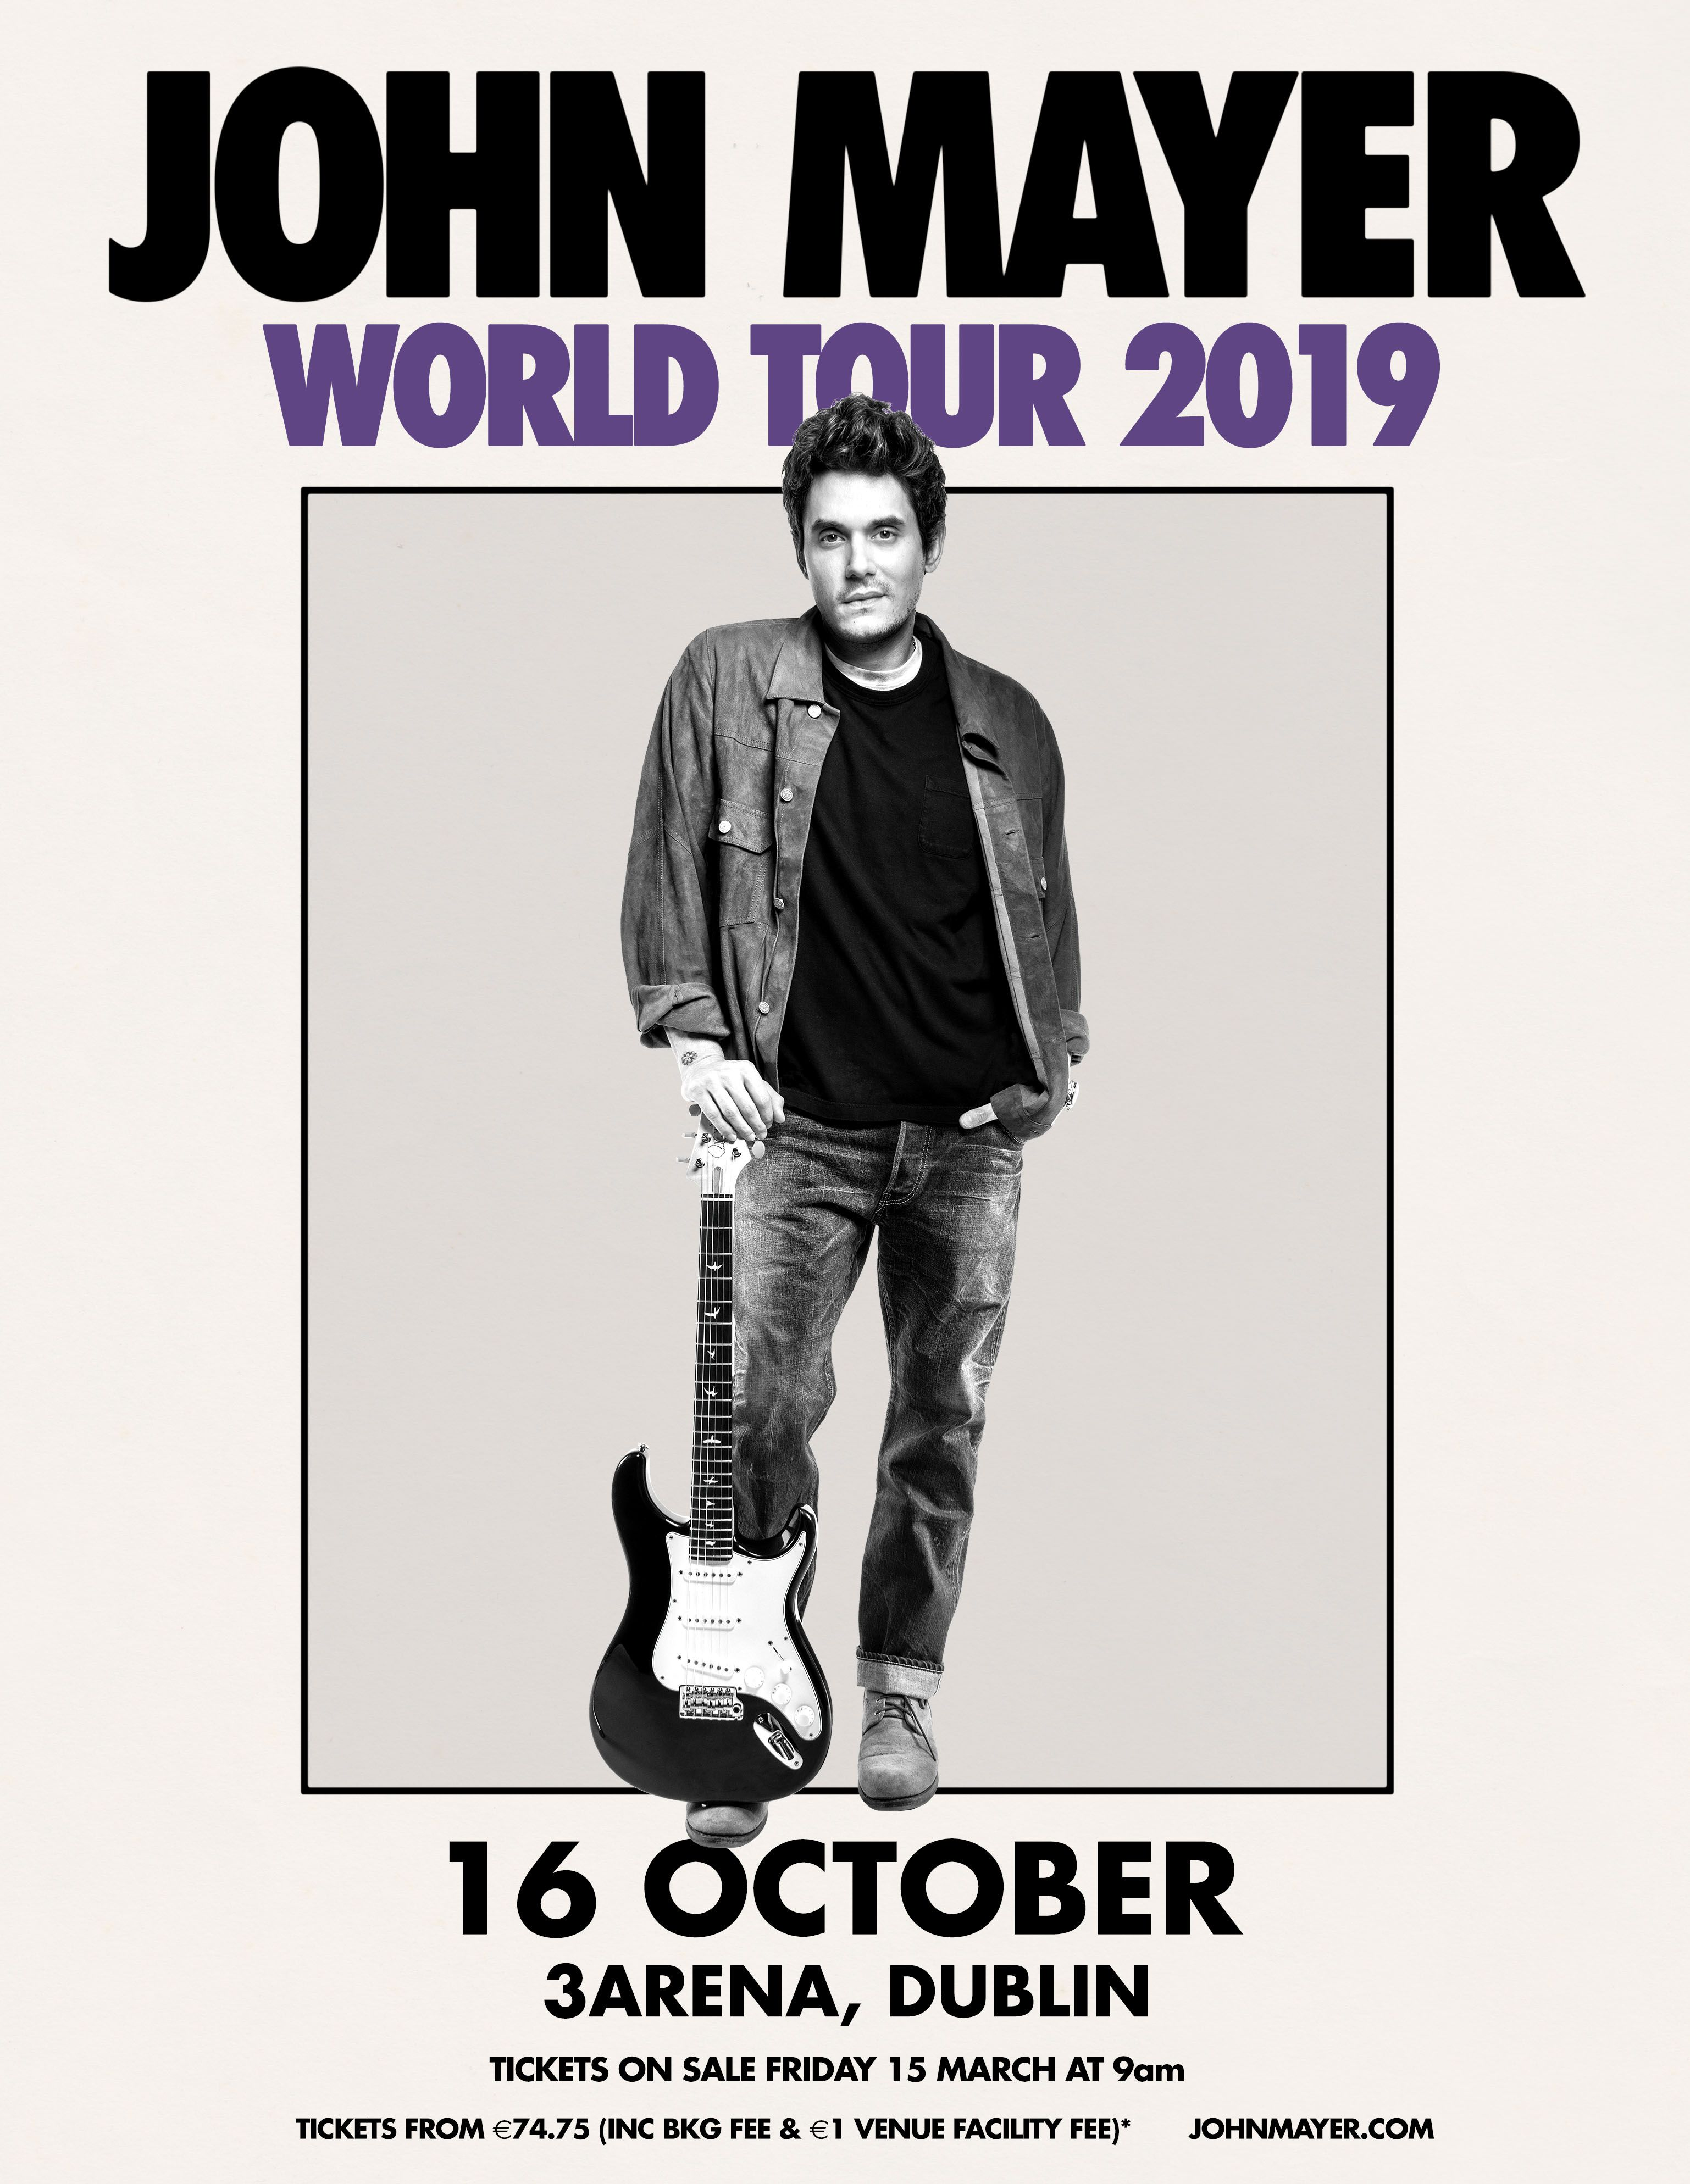 Pin By Marta Kowalska On John Mayer John Mayer Tour John Mayer John Mayer Poster